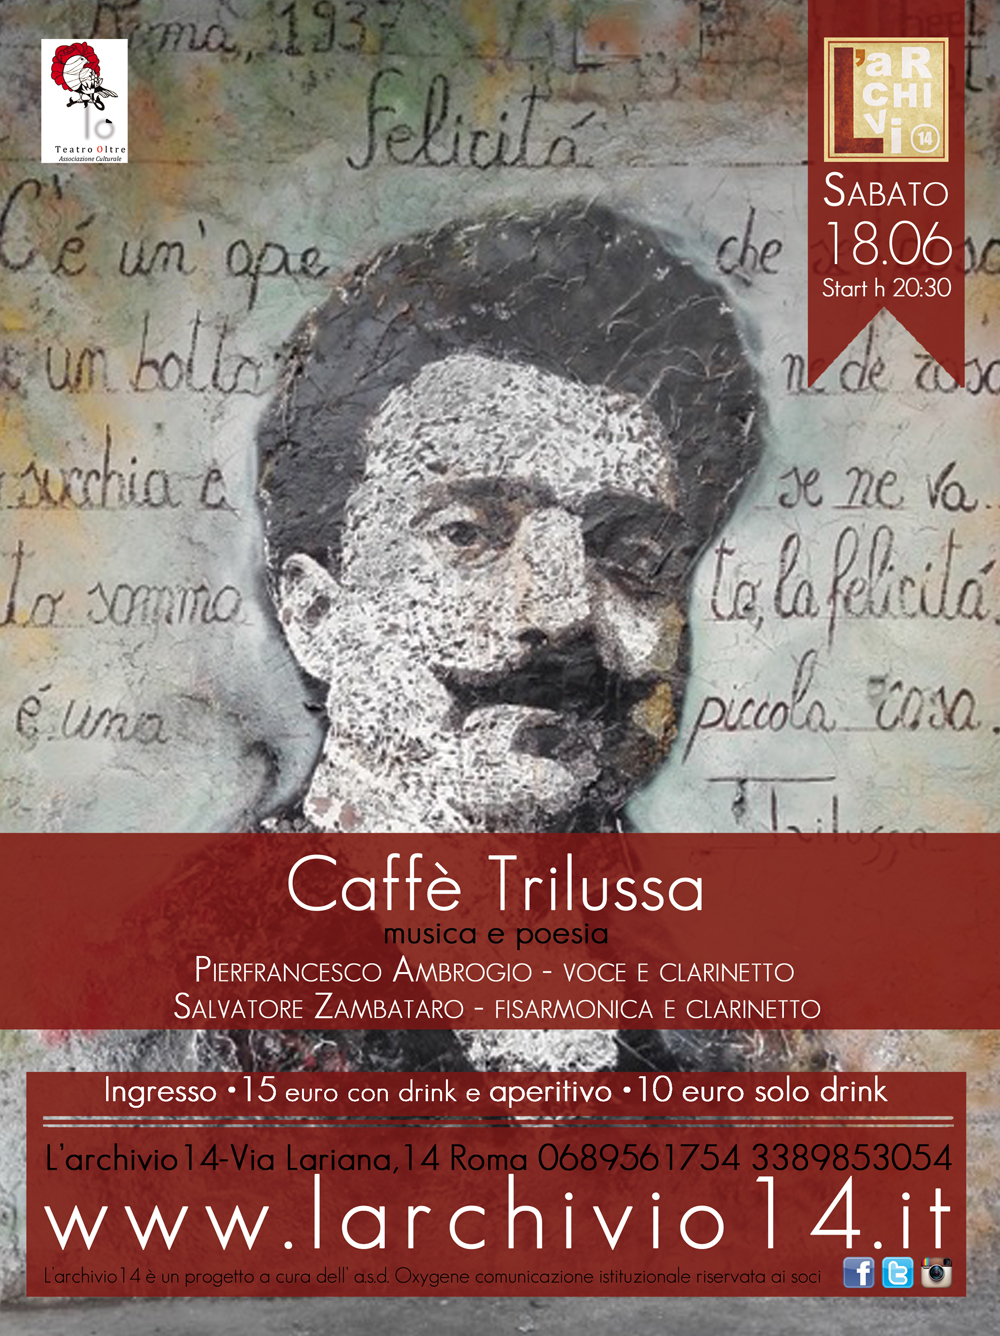 Caffè Trilussa </br> 18 giugno ore 20:30